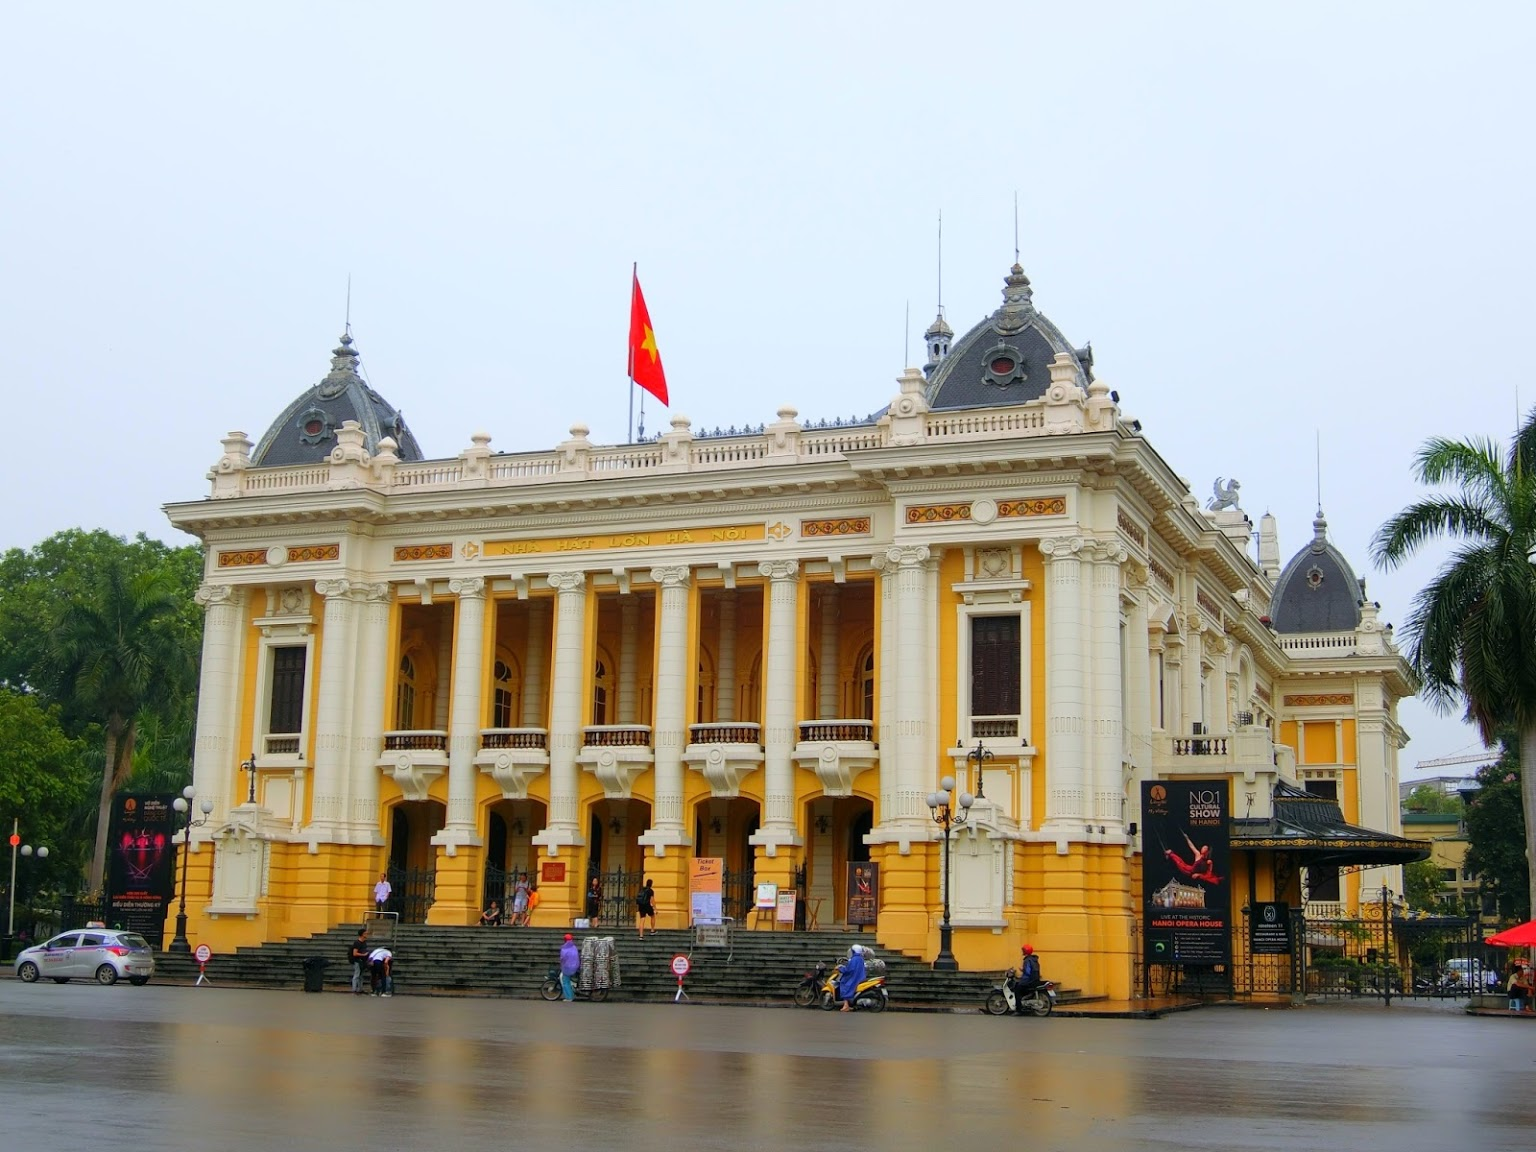 Nhà Hát Lớn Hà Nội- Danh thắng Hàn Nội nổi tiếng